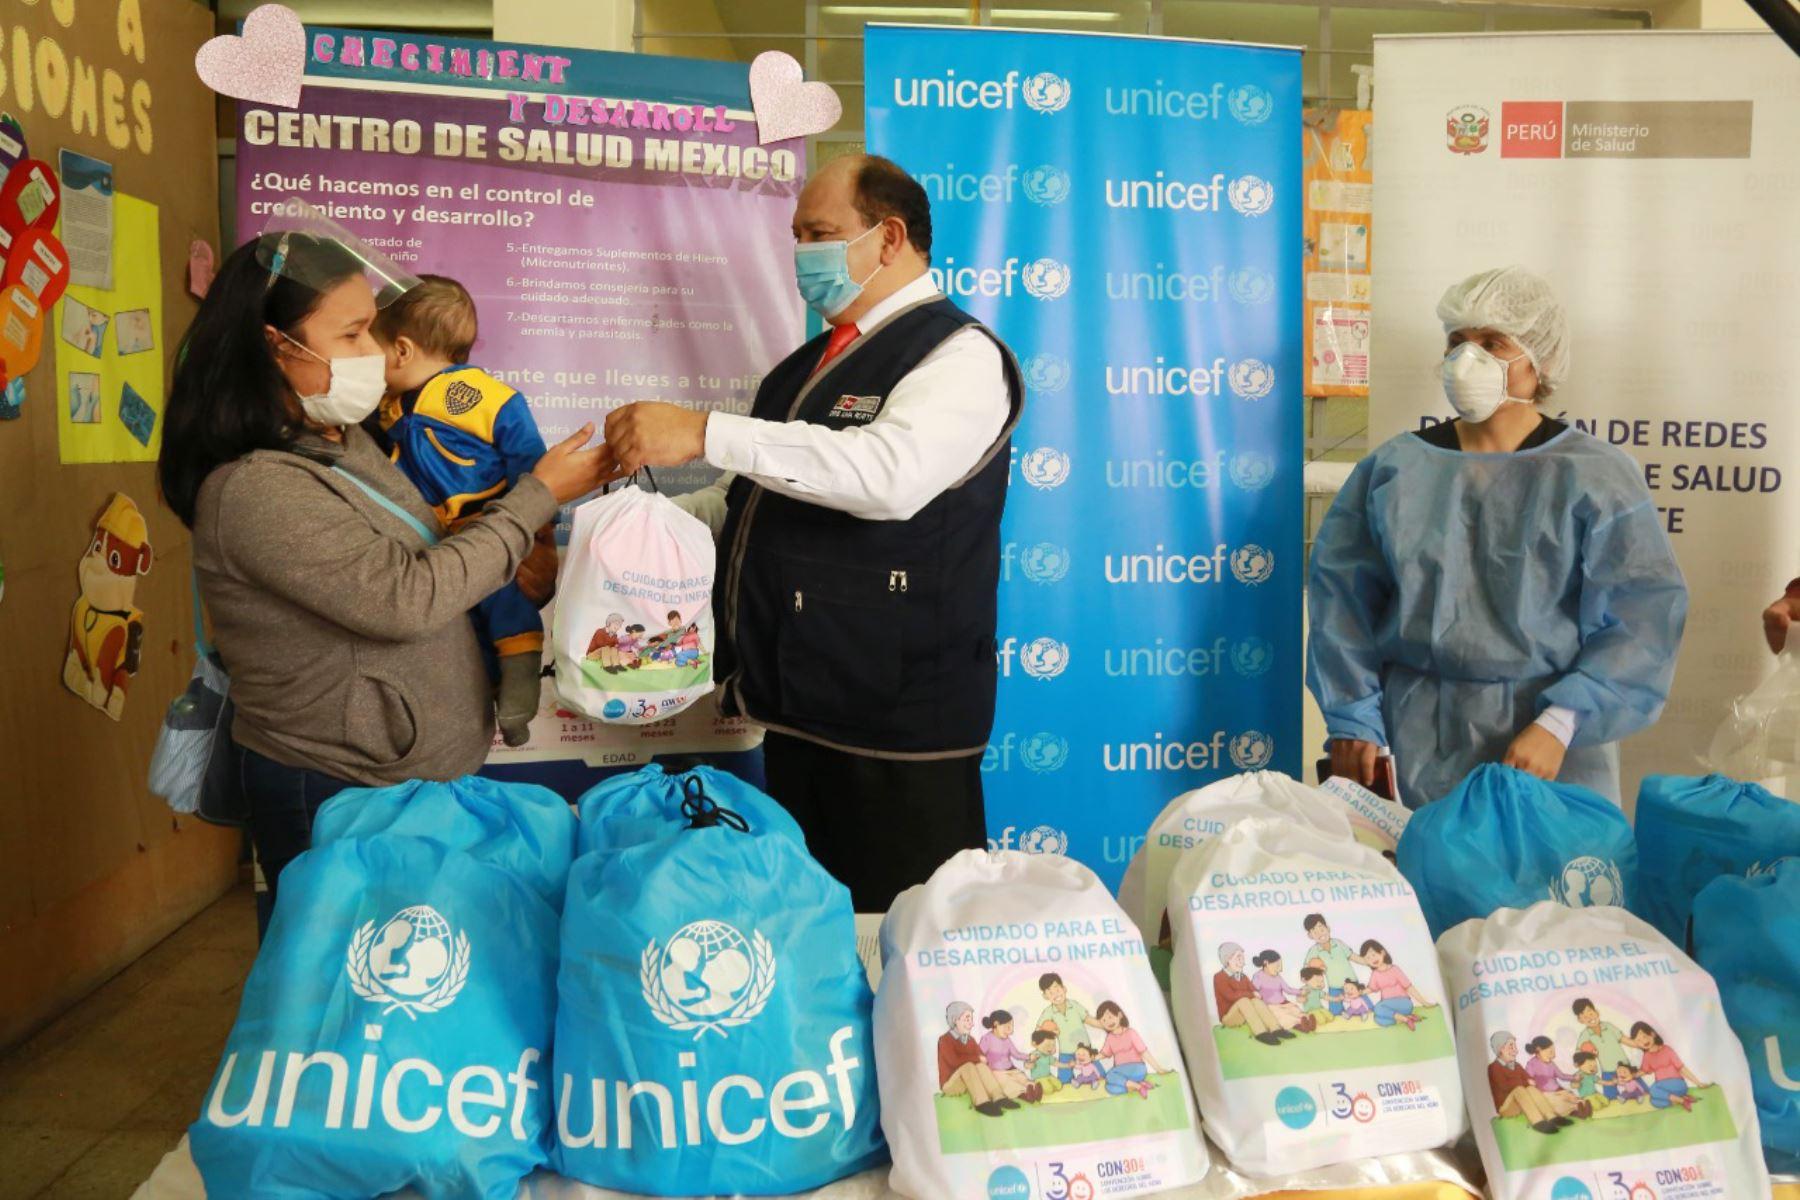 Los kits contienen información sobre protección y cuidado a gestantes y recién nacidos y kits lúdicos para favorecer el juego y comunicación entre los padres de familia y sus hijos. ANDINA/Unicef